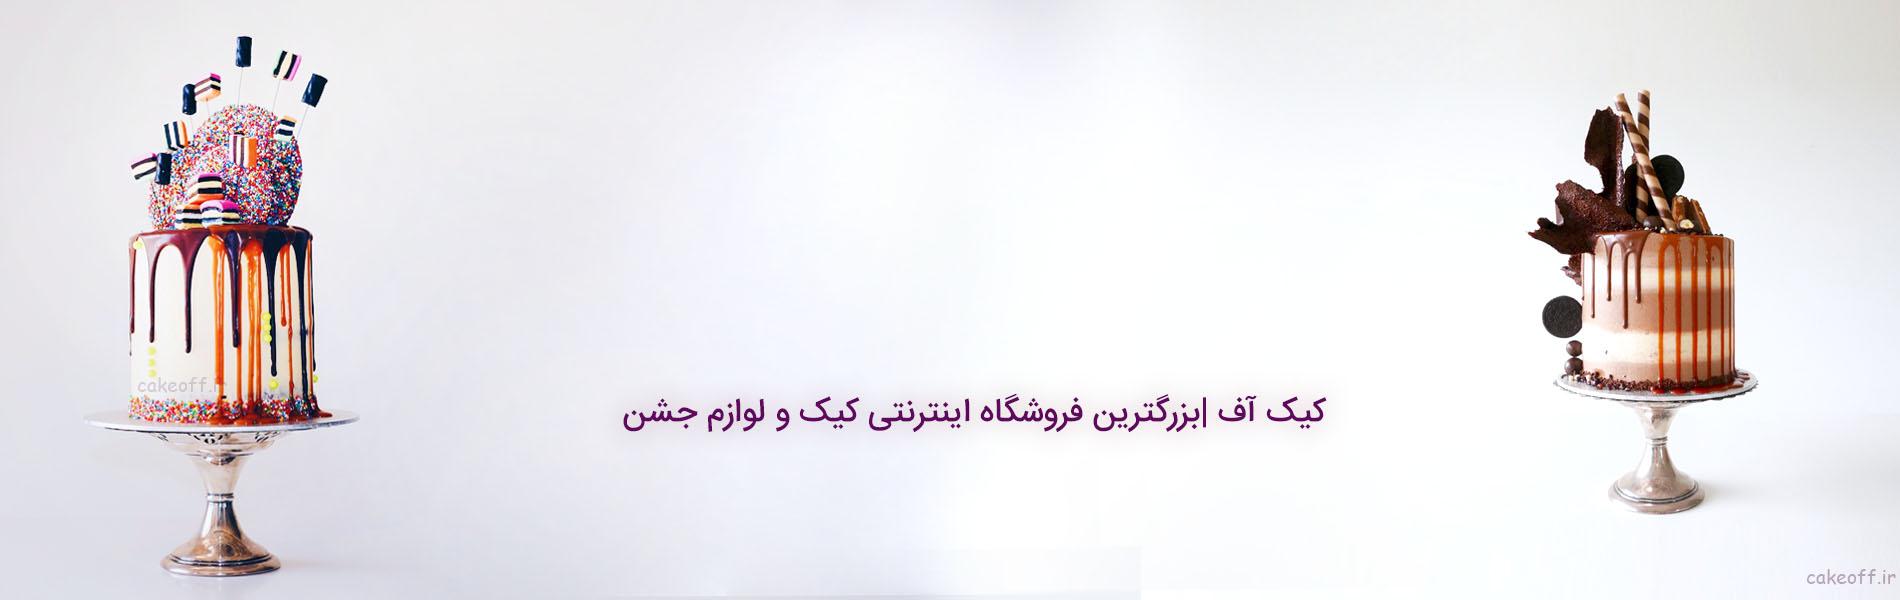 سفارش کیک آنلاین و لوازم جشن در کیک آُف، بهترین شیرینی فروشی در اصفهان